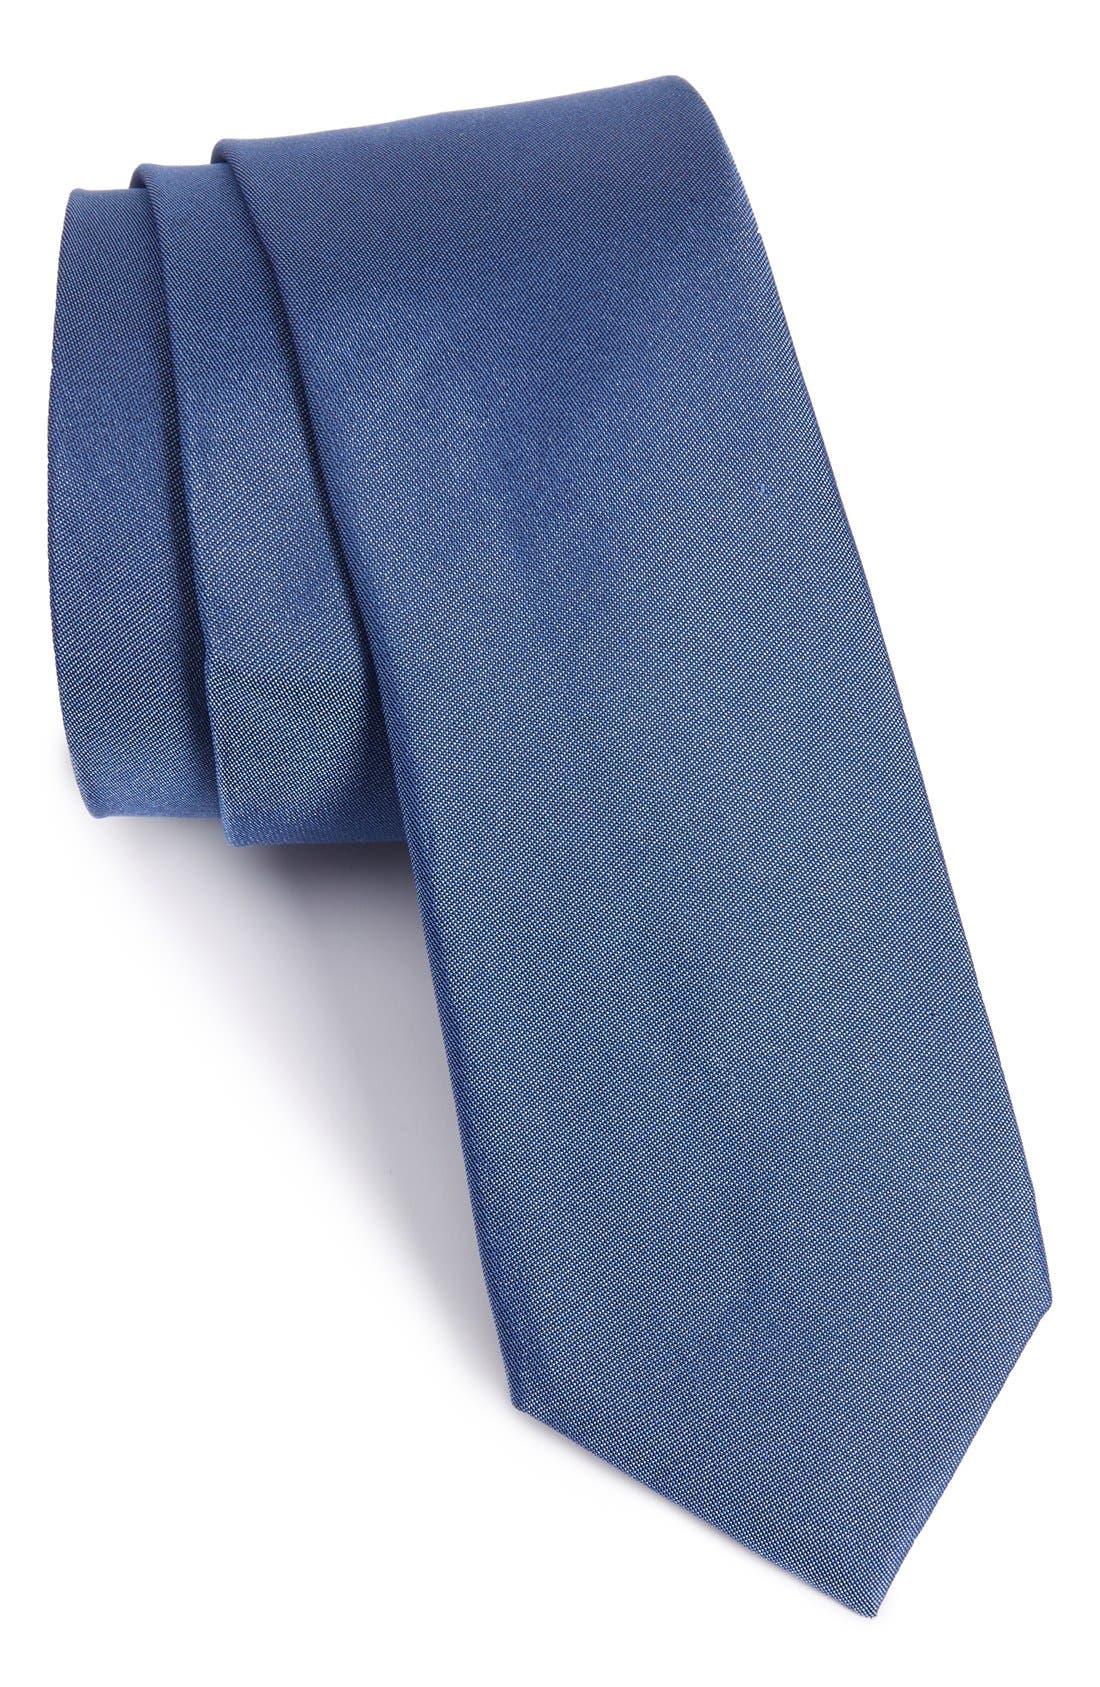 CALIBRATE Veloutine Woven Silk Skinny Tie